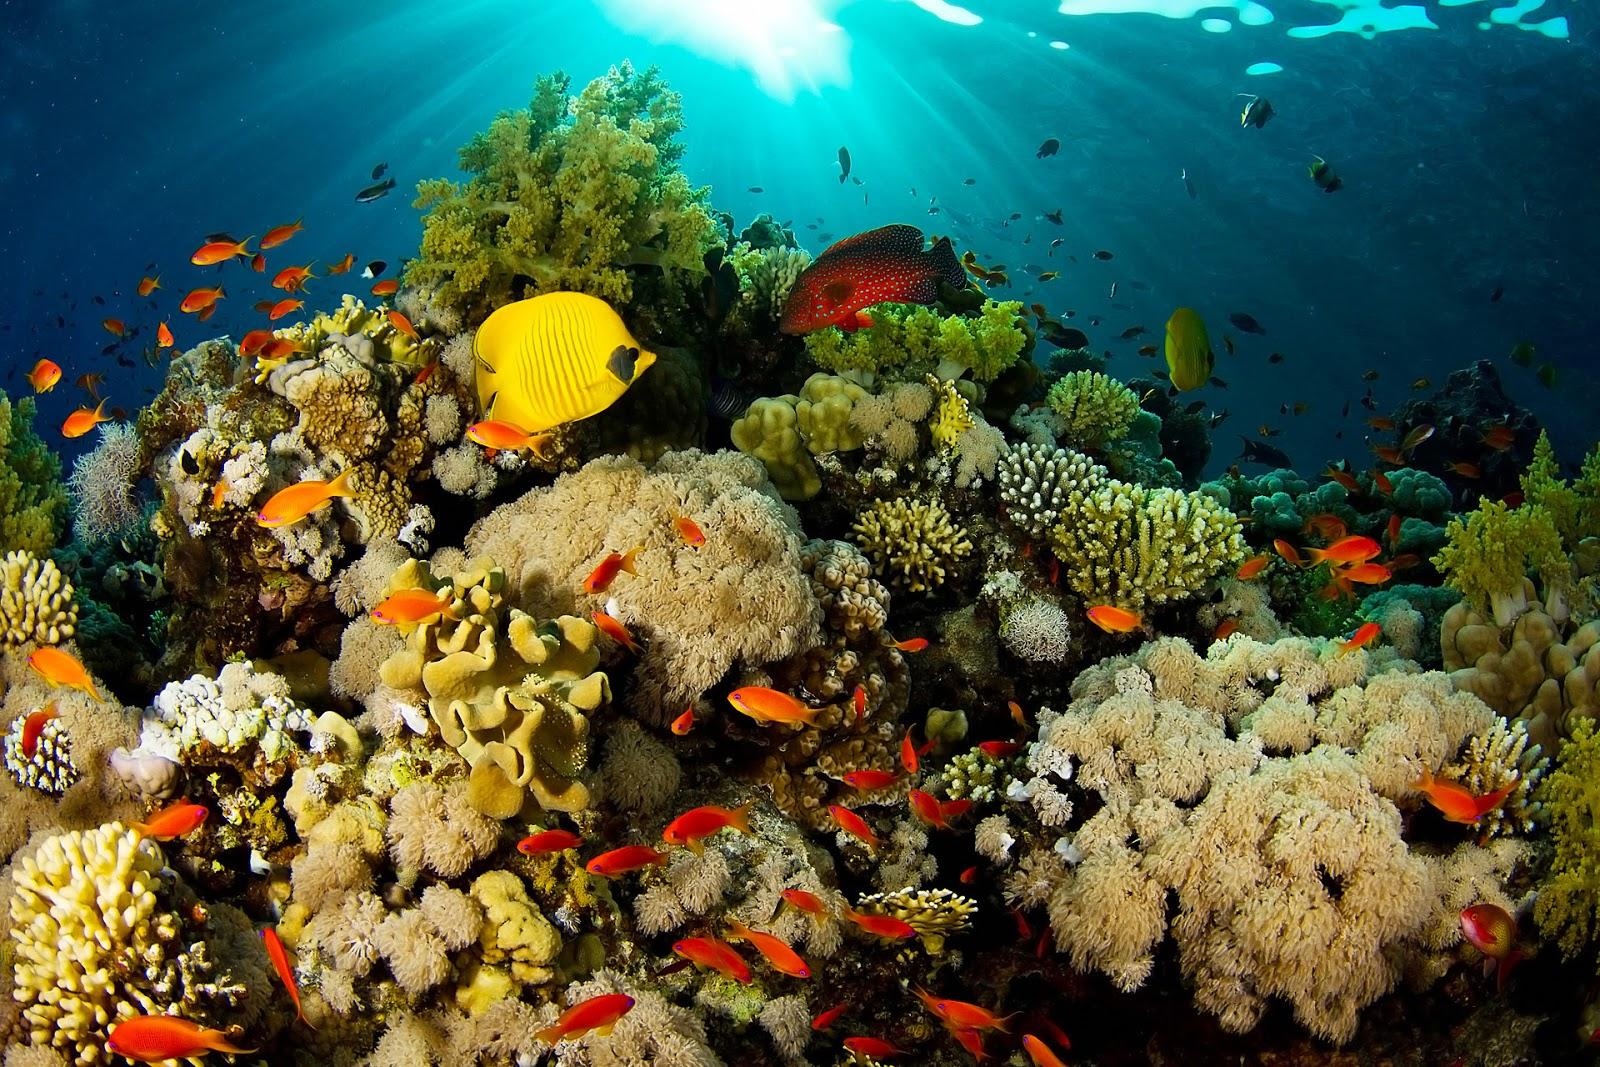 Taman Nasional Bunaken Indonesia Wonderful Nature